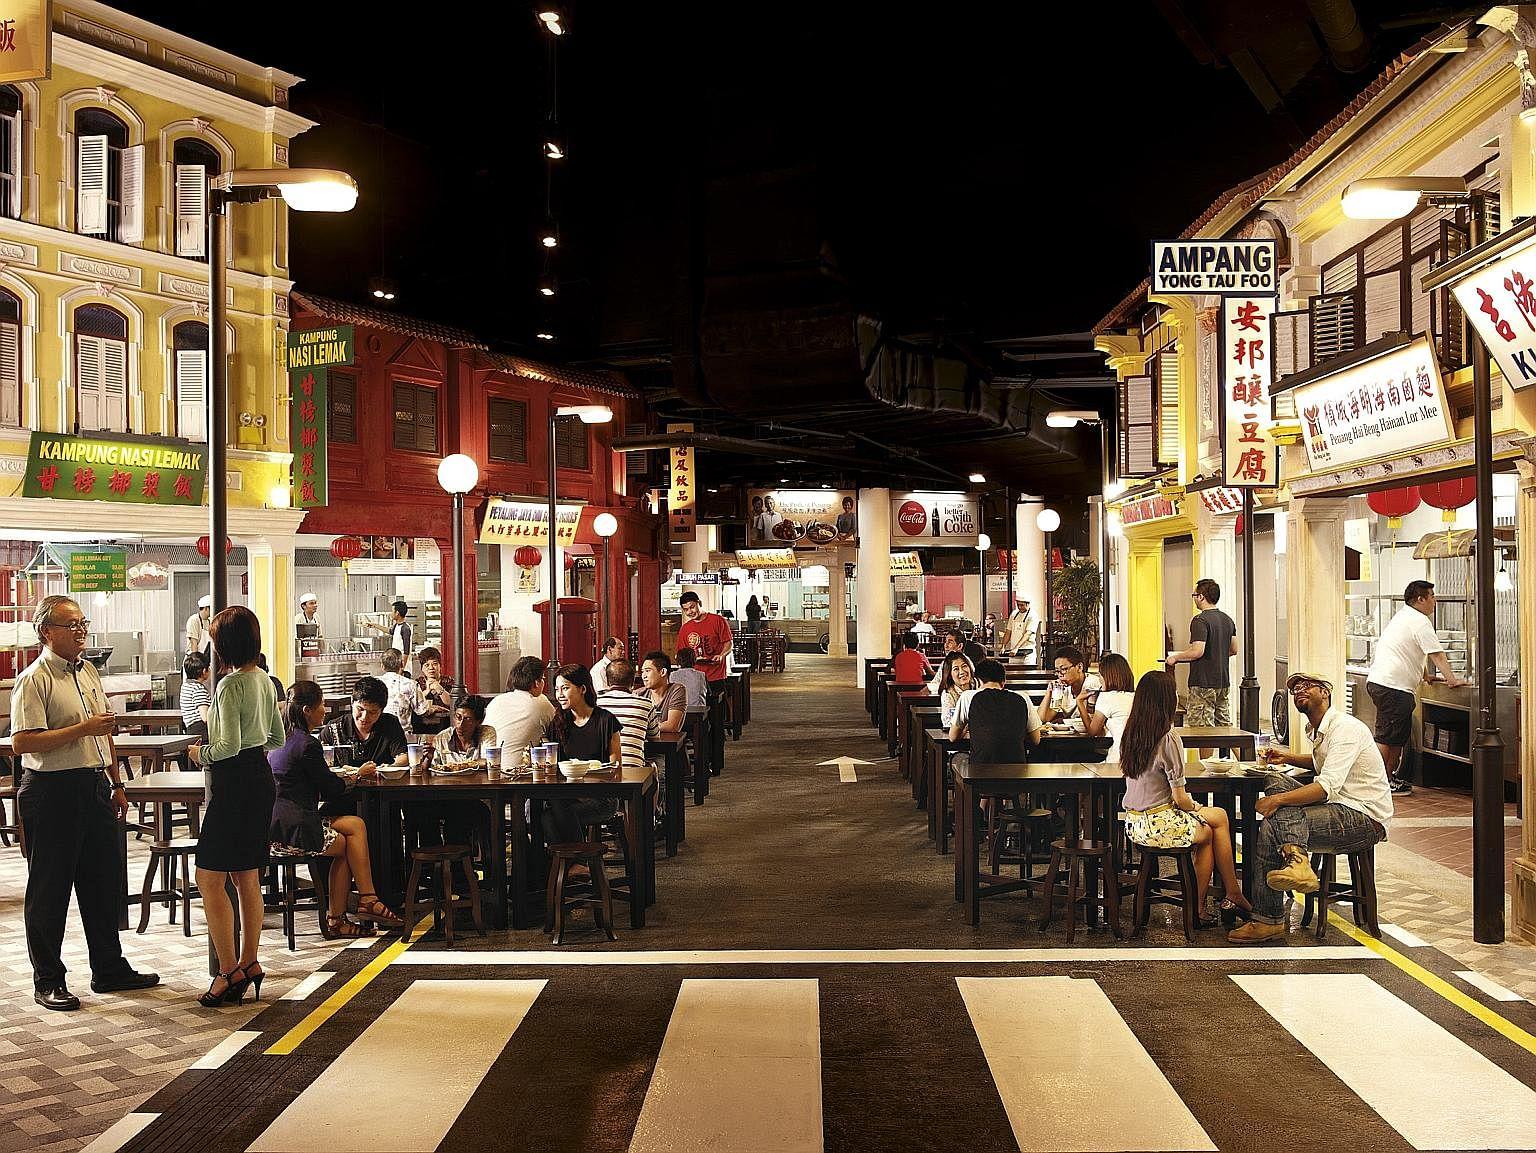 Malaysian Food Street at Resorts World Sentosa.